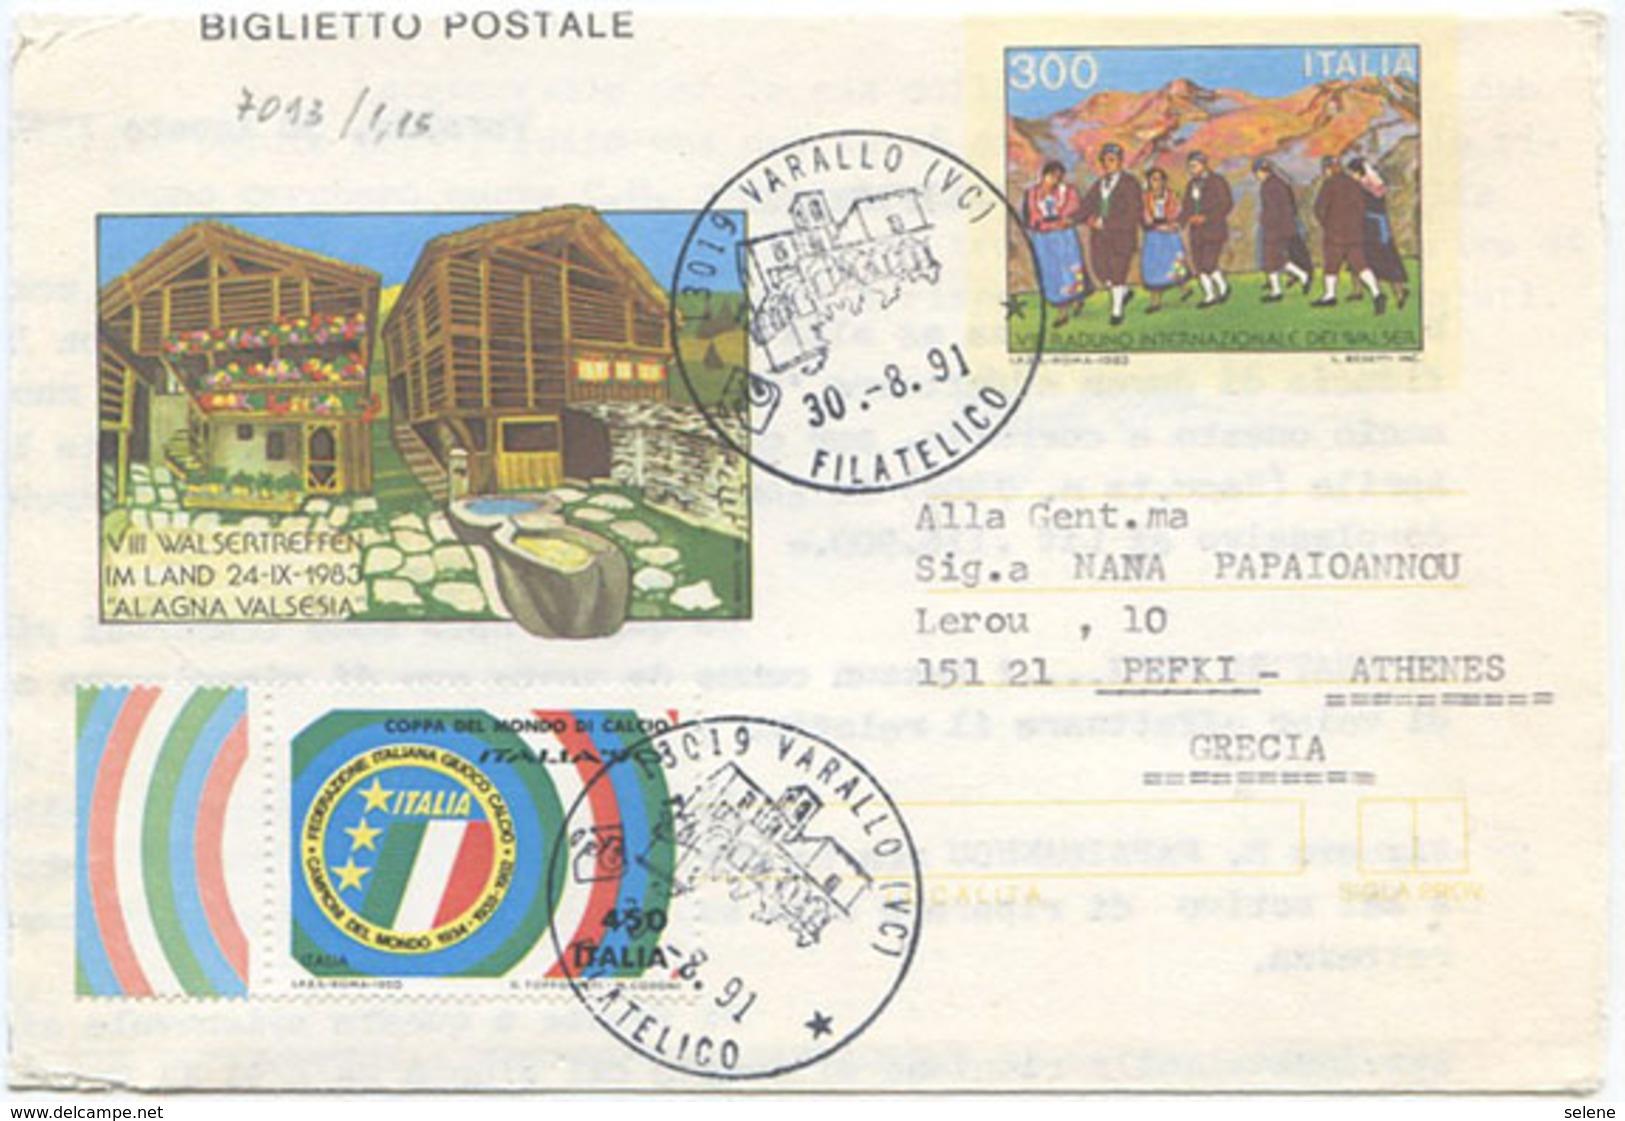 1983 BIGLIETTO POSTALE WALSER  L. 120 + CALCIO L. 450  PER GRECIA  30.8.91 ANNULLO FIGURATO VARALLO (7093a) - 6. 1946-.. Repubblica